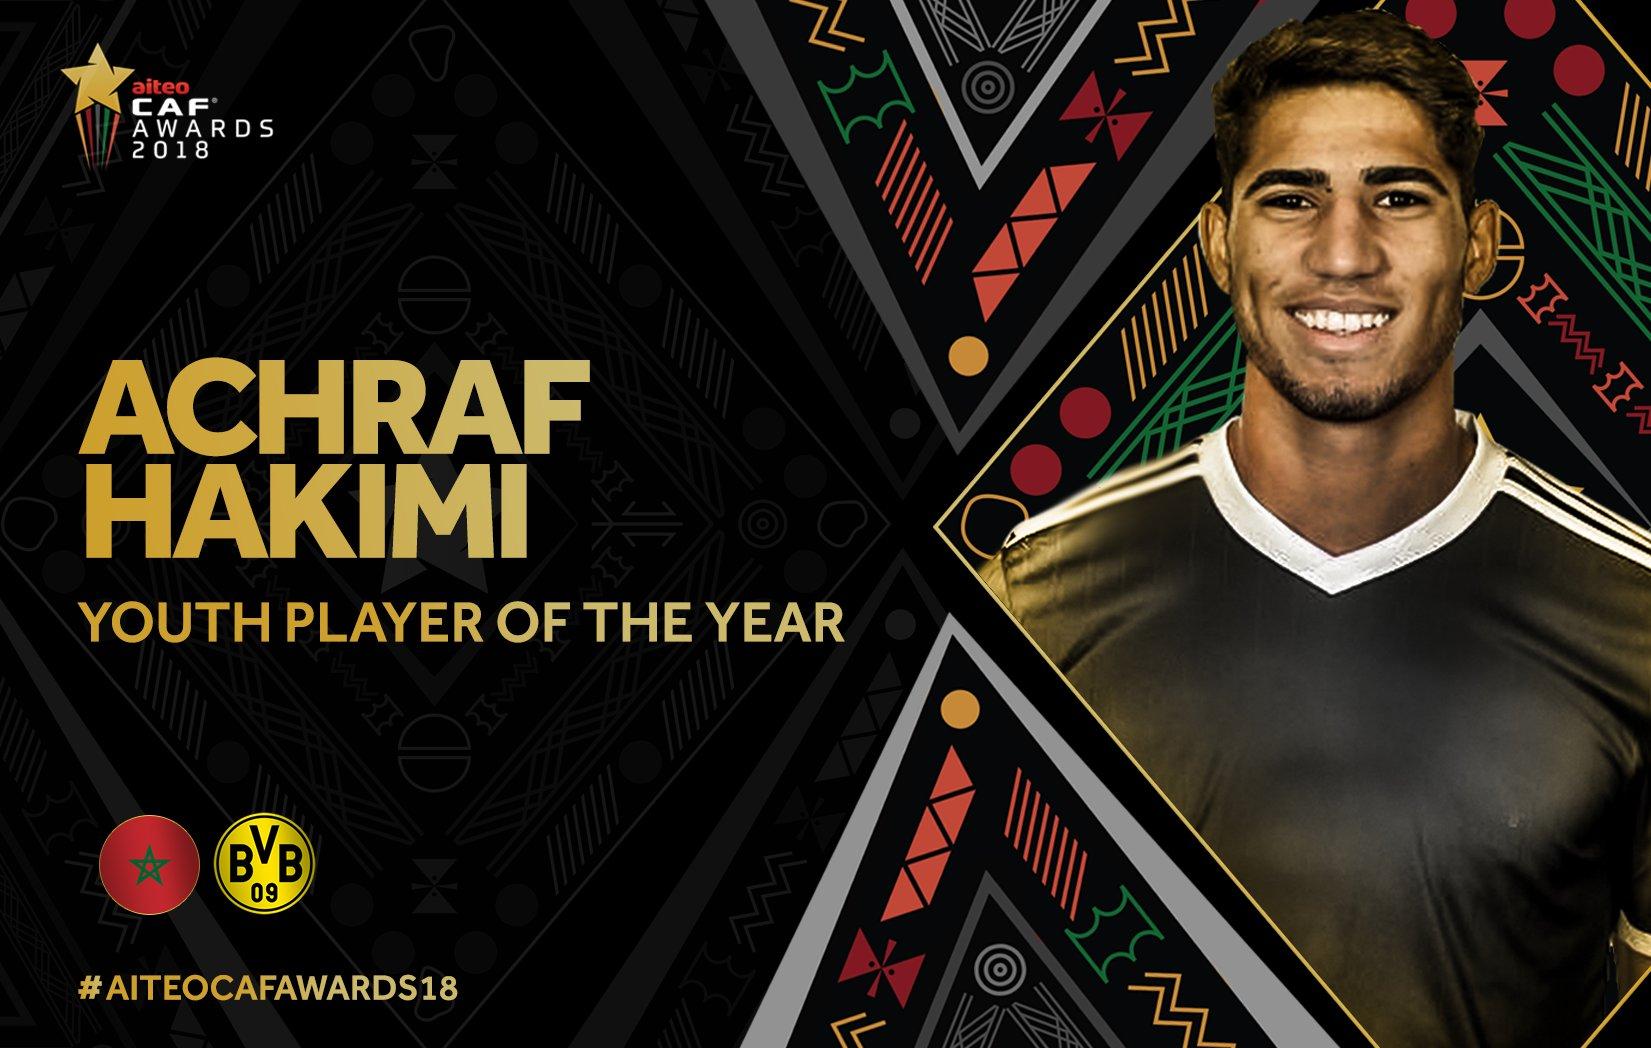 非足联颁奖:萨拉赫夺最佳球员, 哈基米当选最佳年轻球员